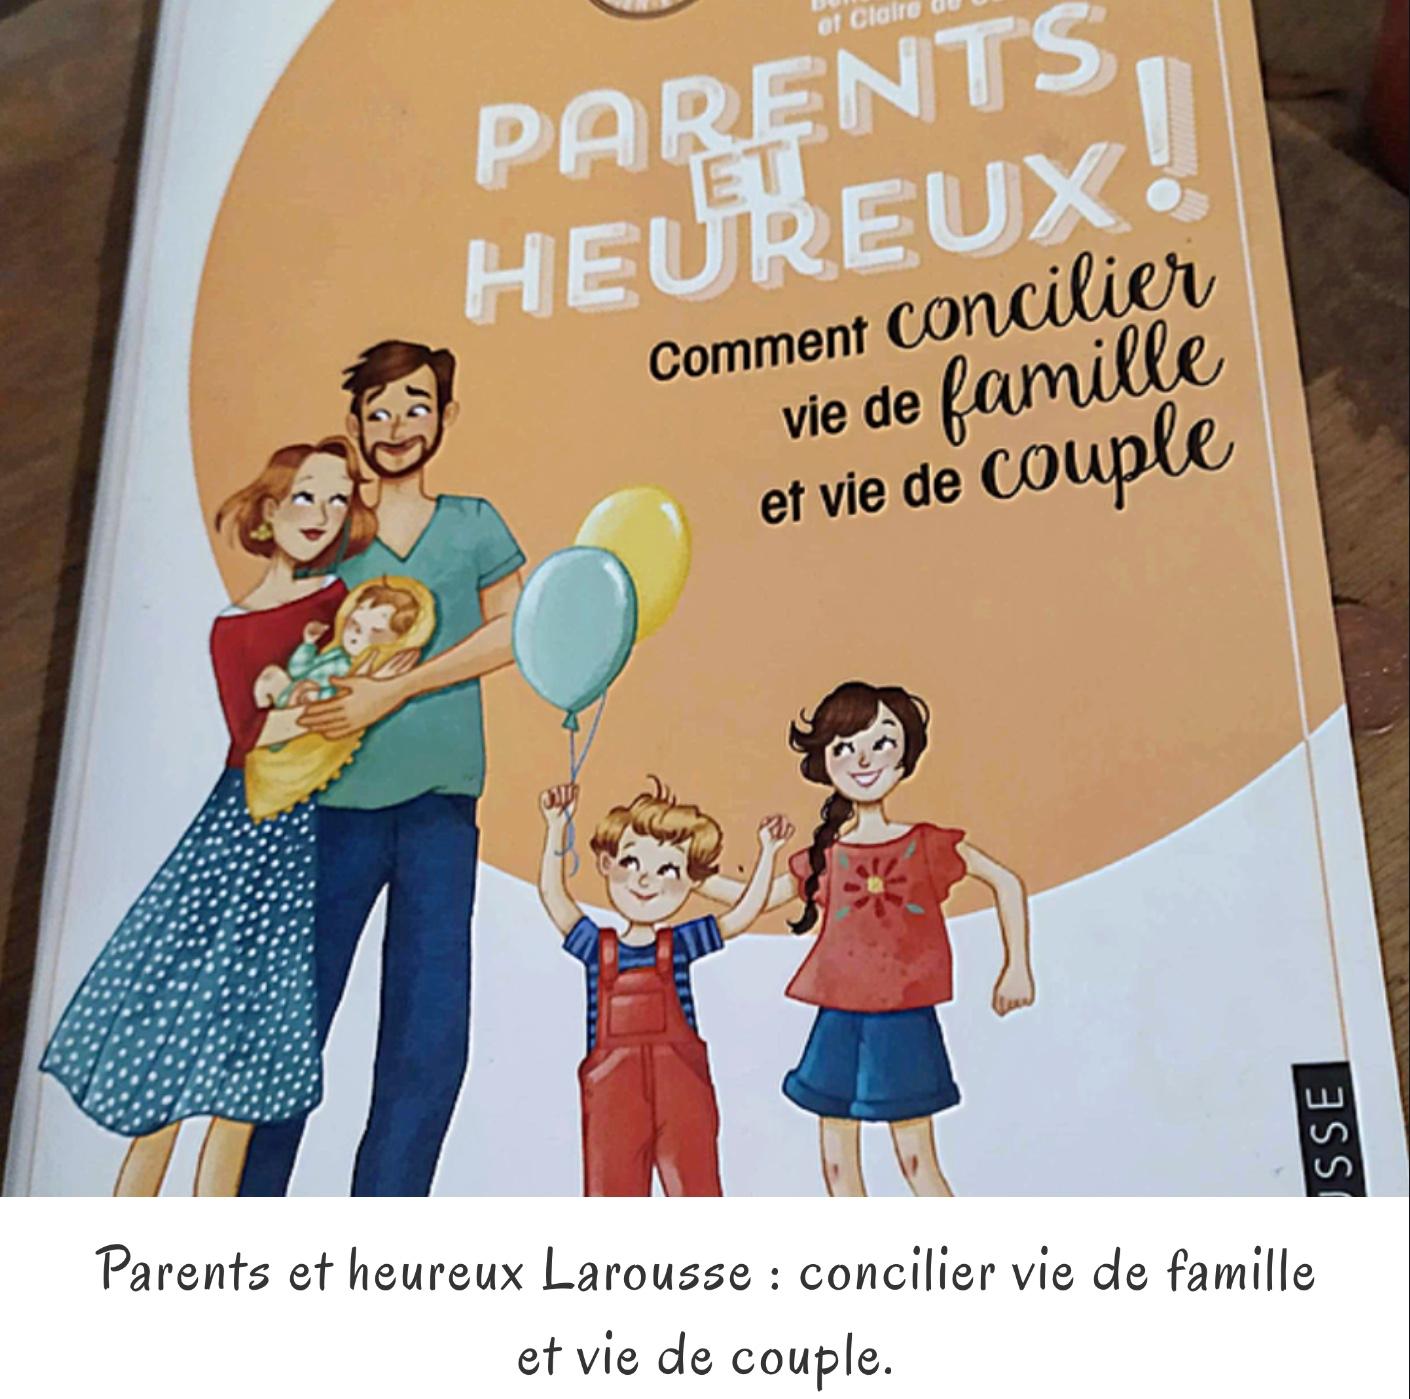 Parents et heureux Larousse : concilier vie de famille et